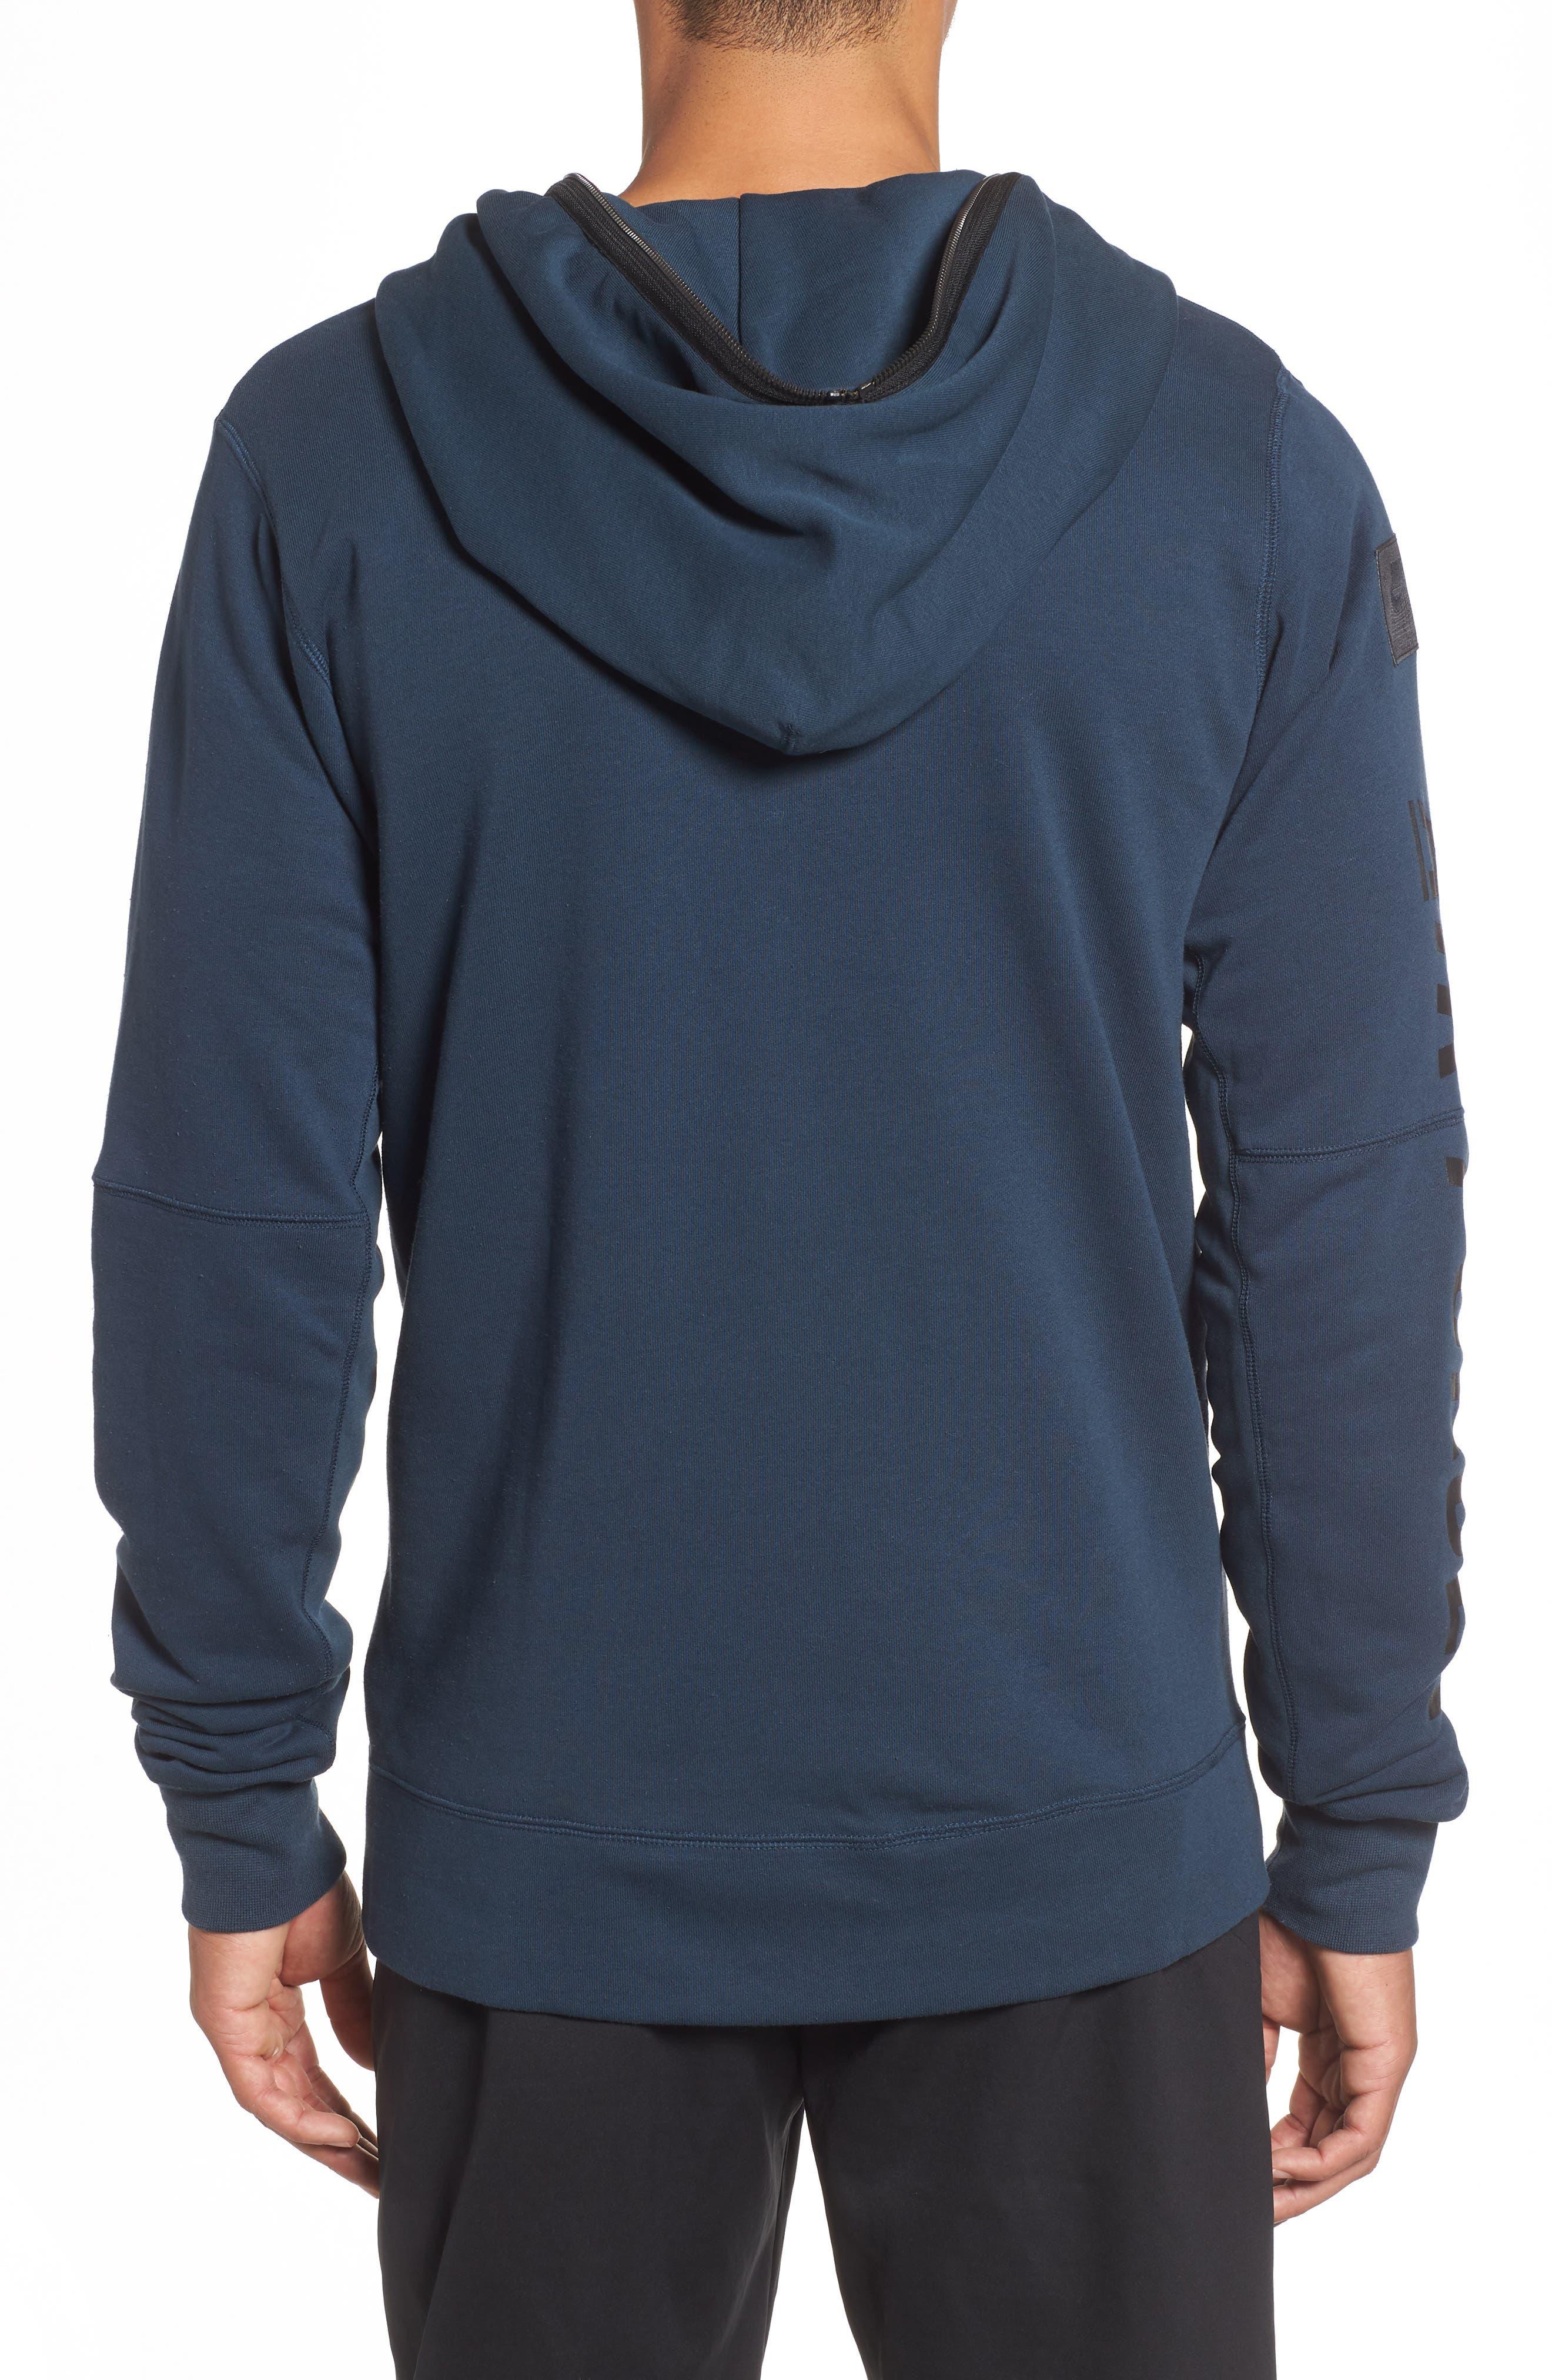 NIKE, Air Force One Zip Hoodie Jacket, Alternate thumbnail 2, color, ARMORY NAVY/ BLACK